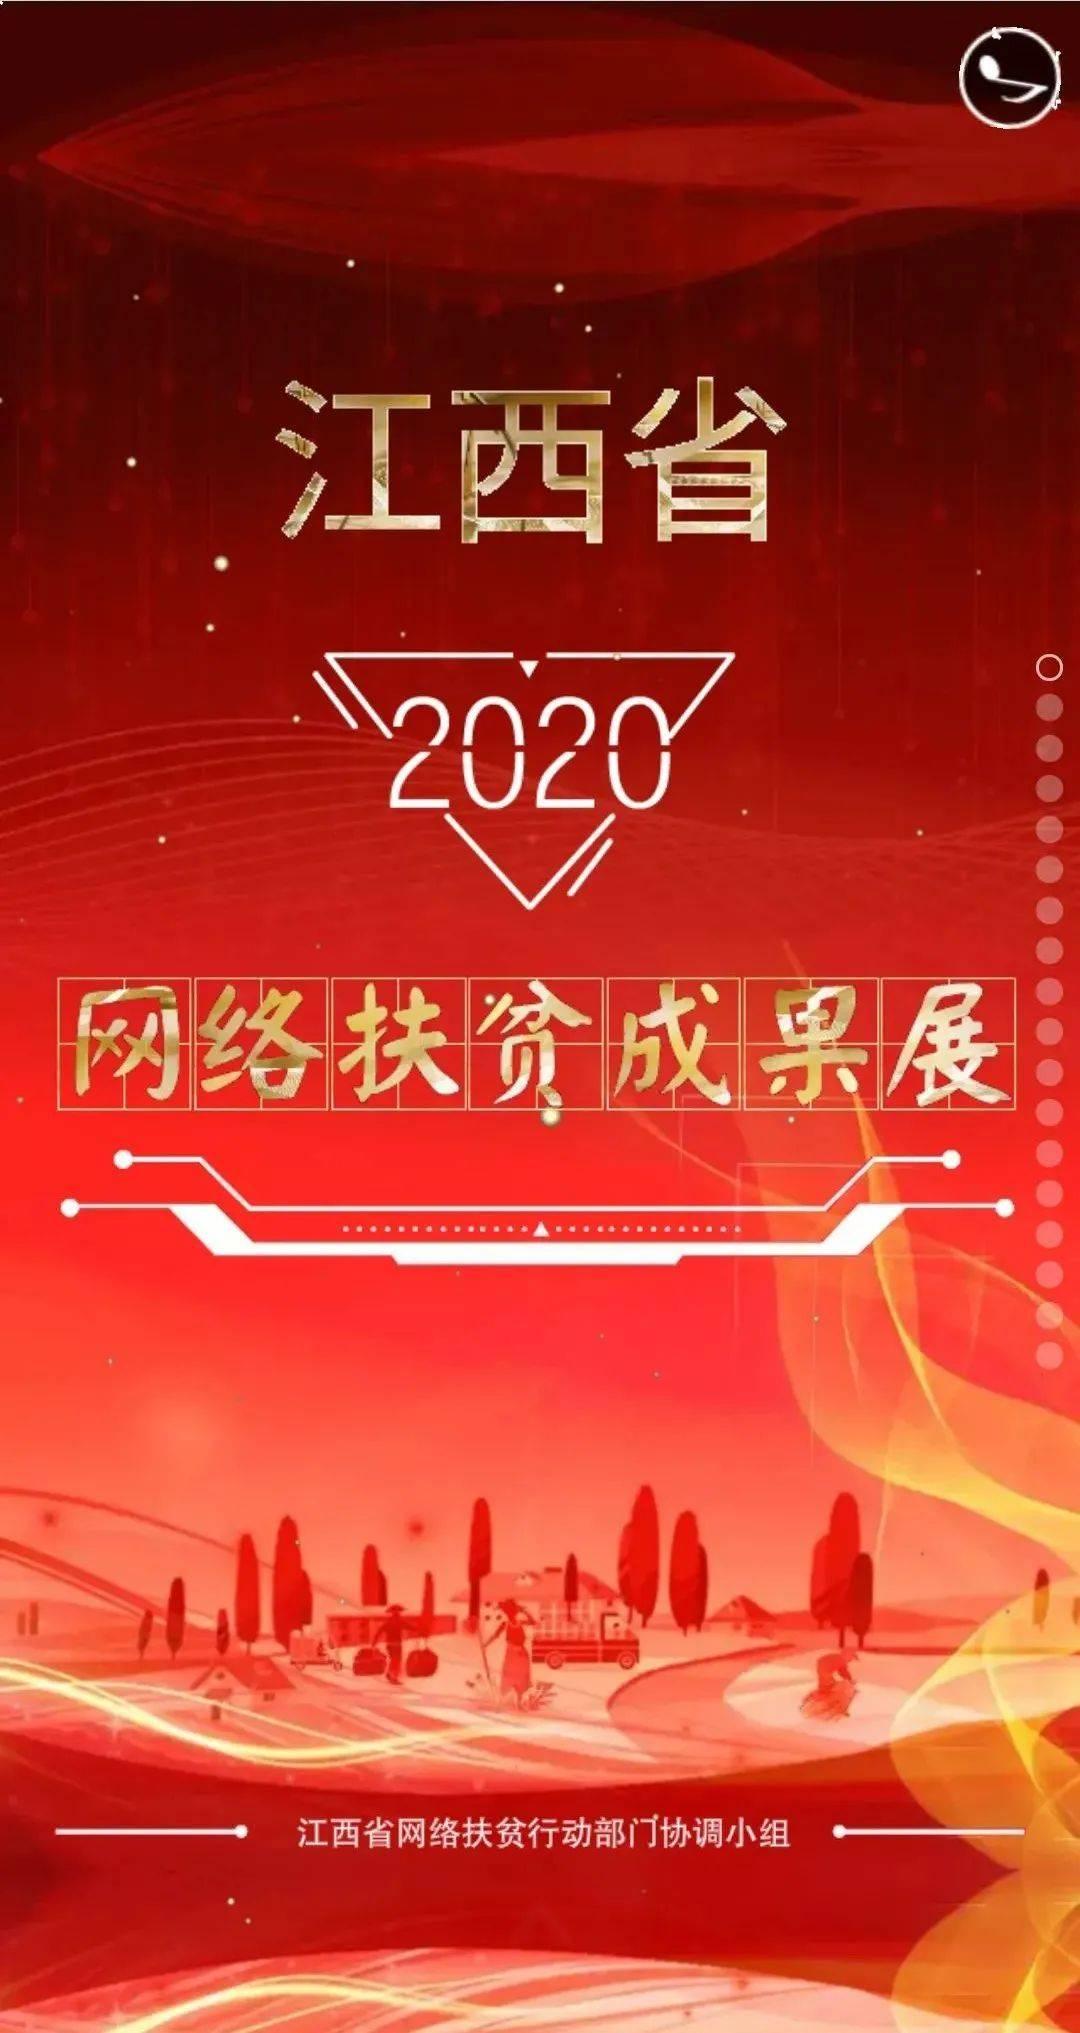 2020,江西网络扶贫干了这些事……